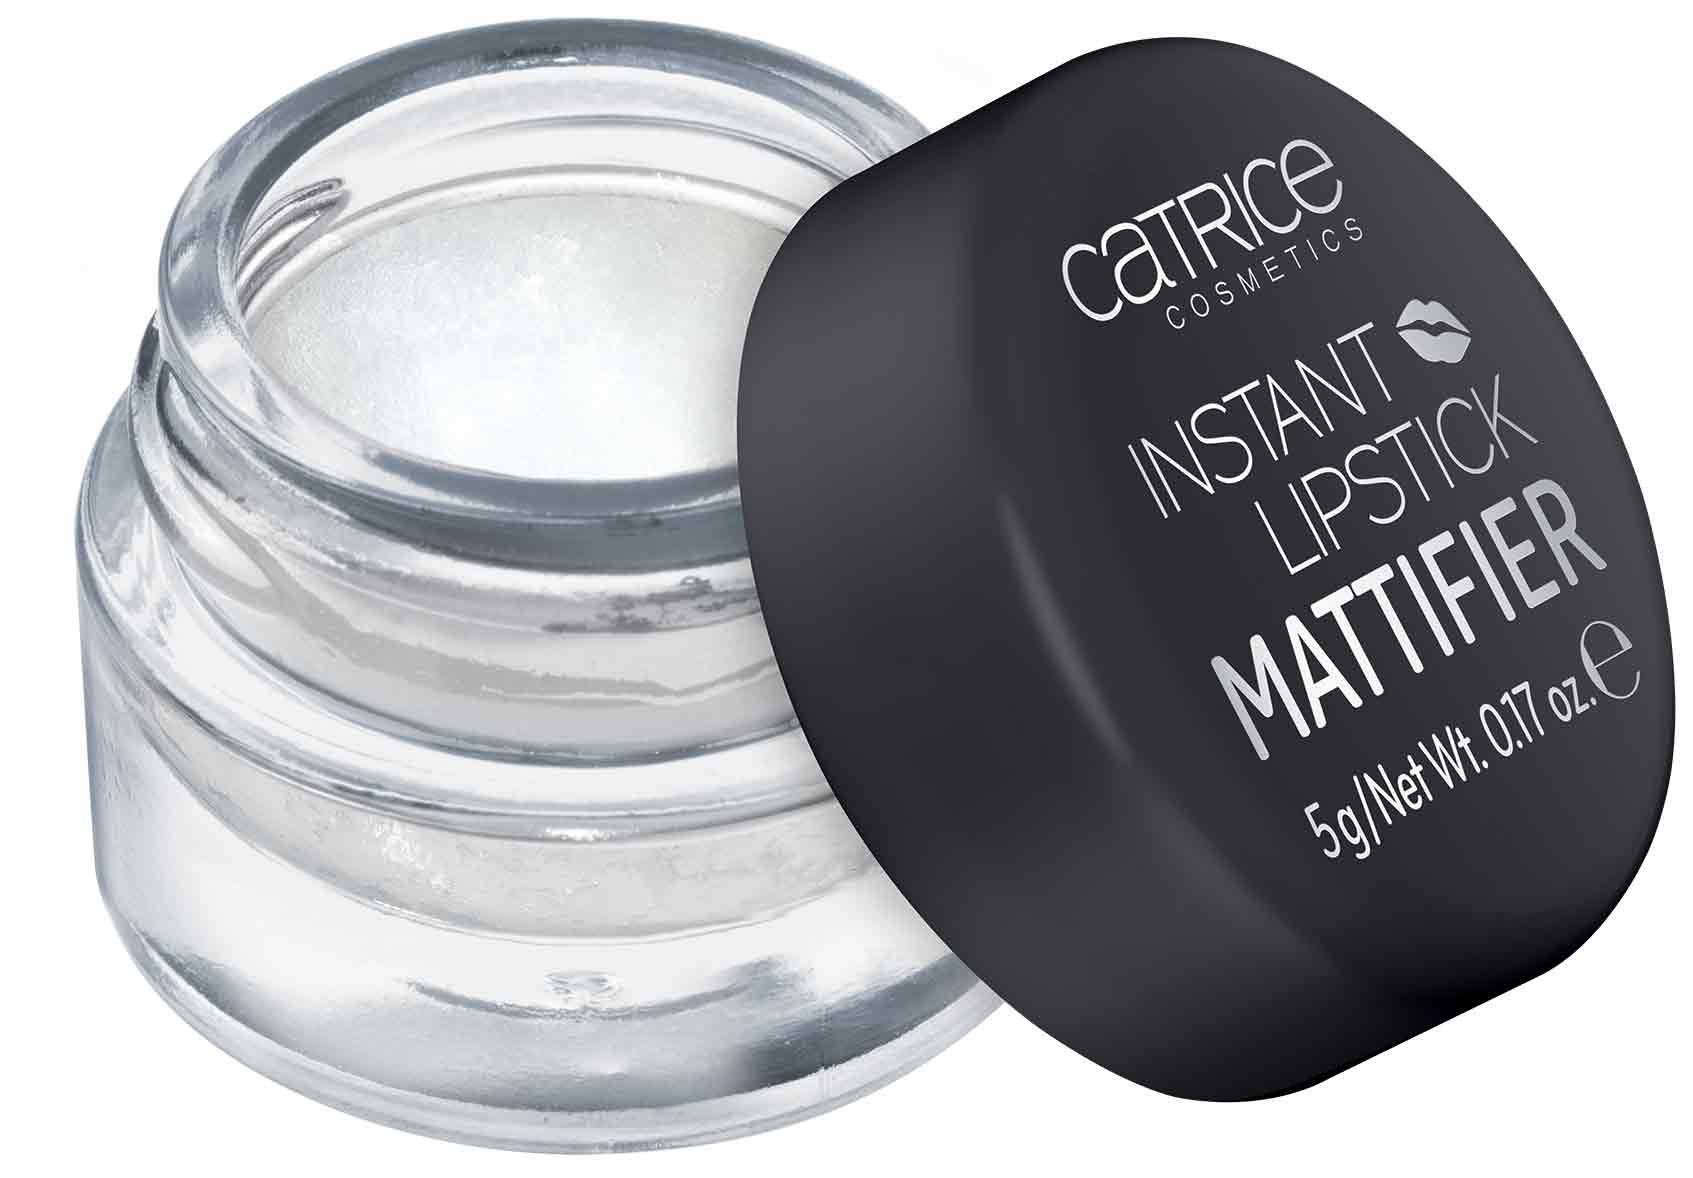 catr_instant_lipstick_mattifier_opend_1477410633